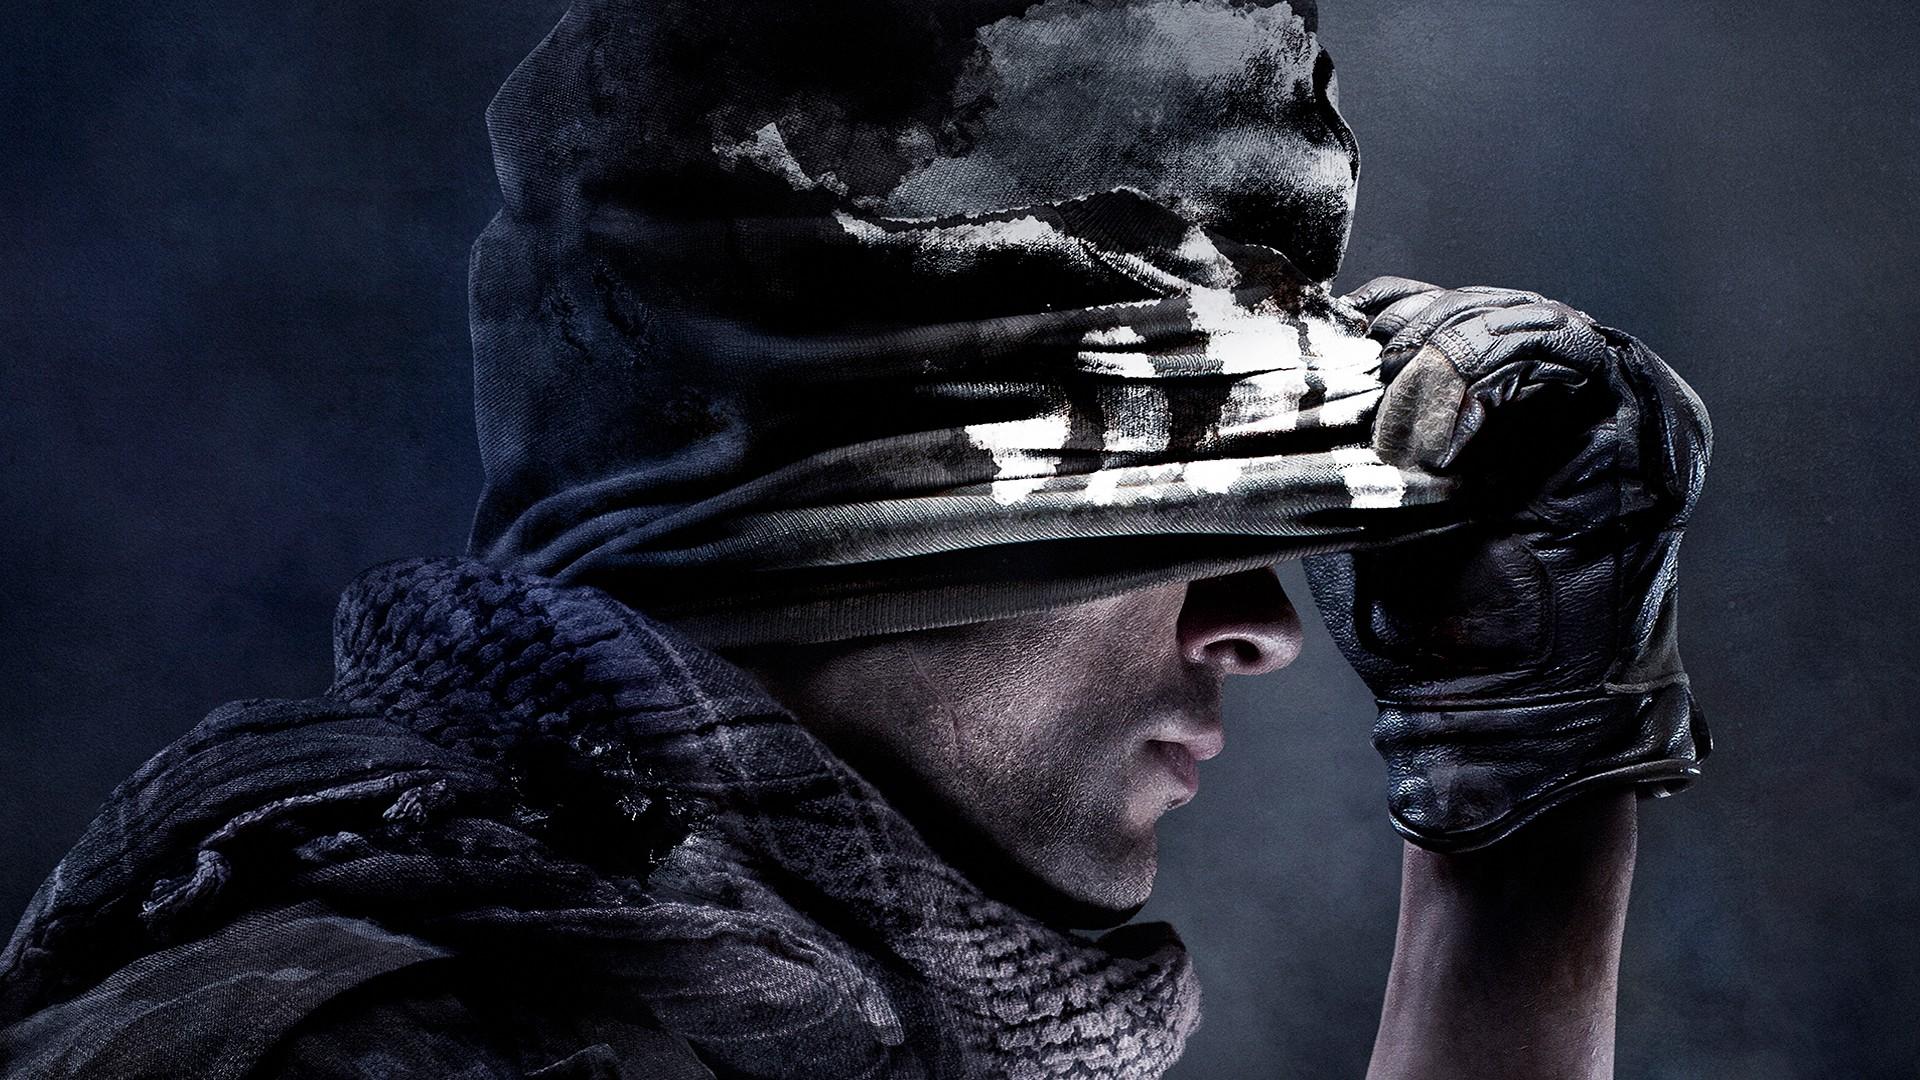 Картинка на аватар в игру